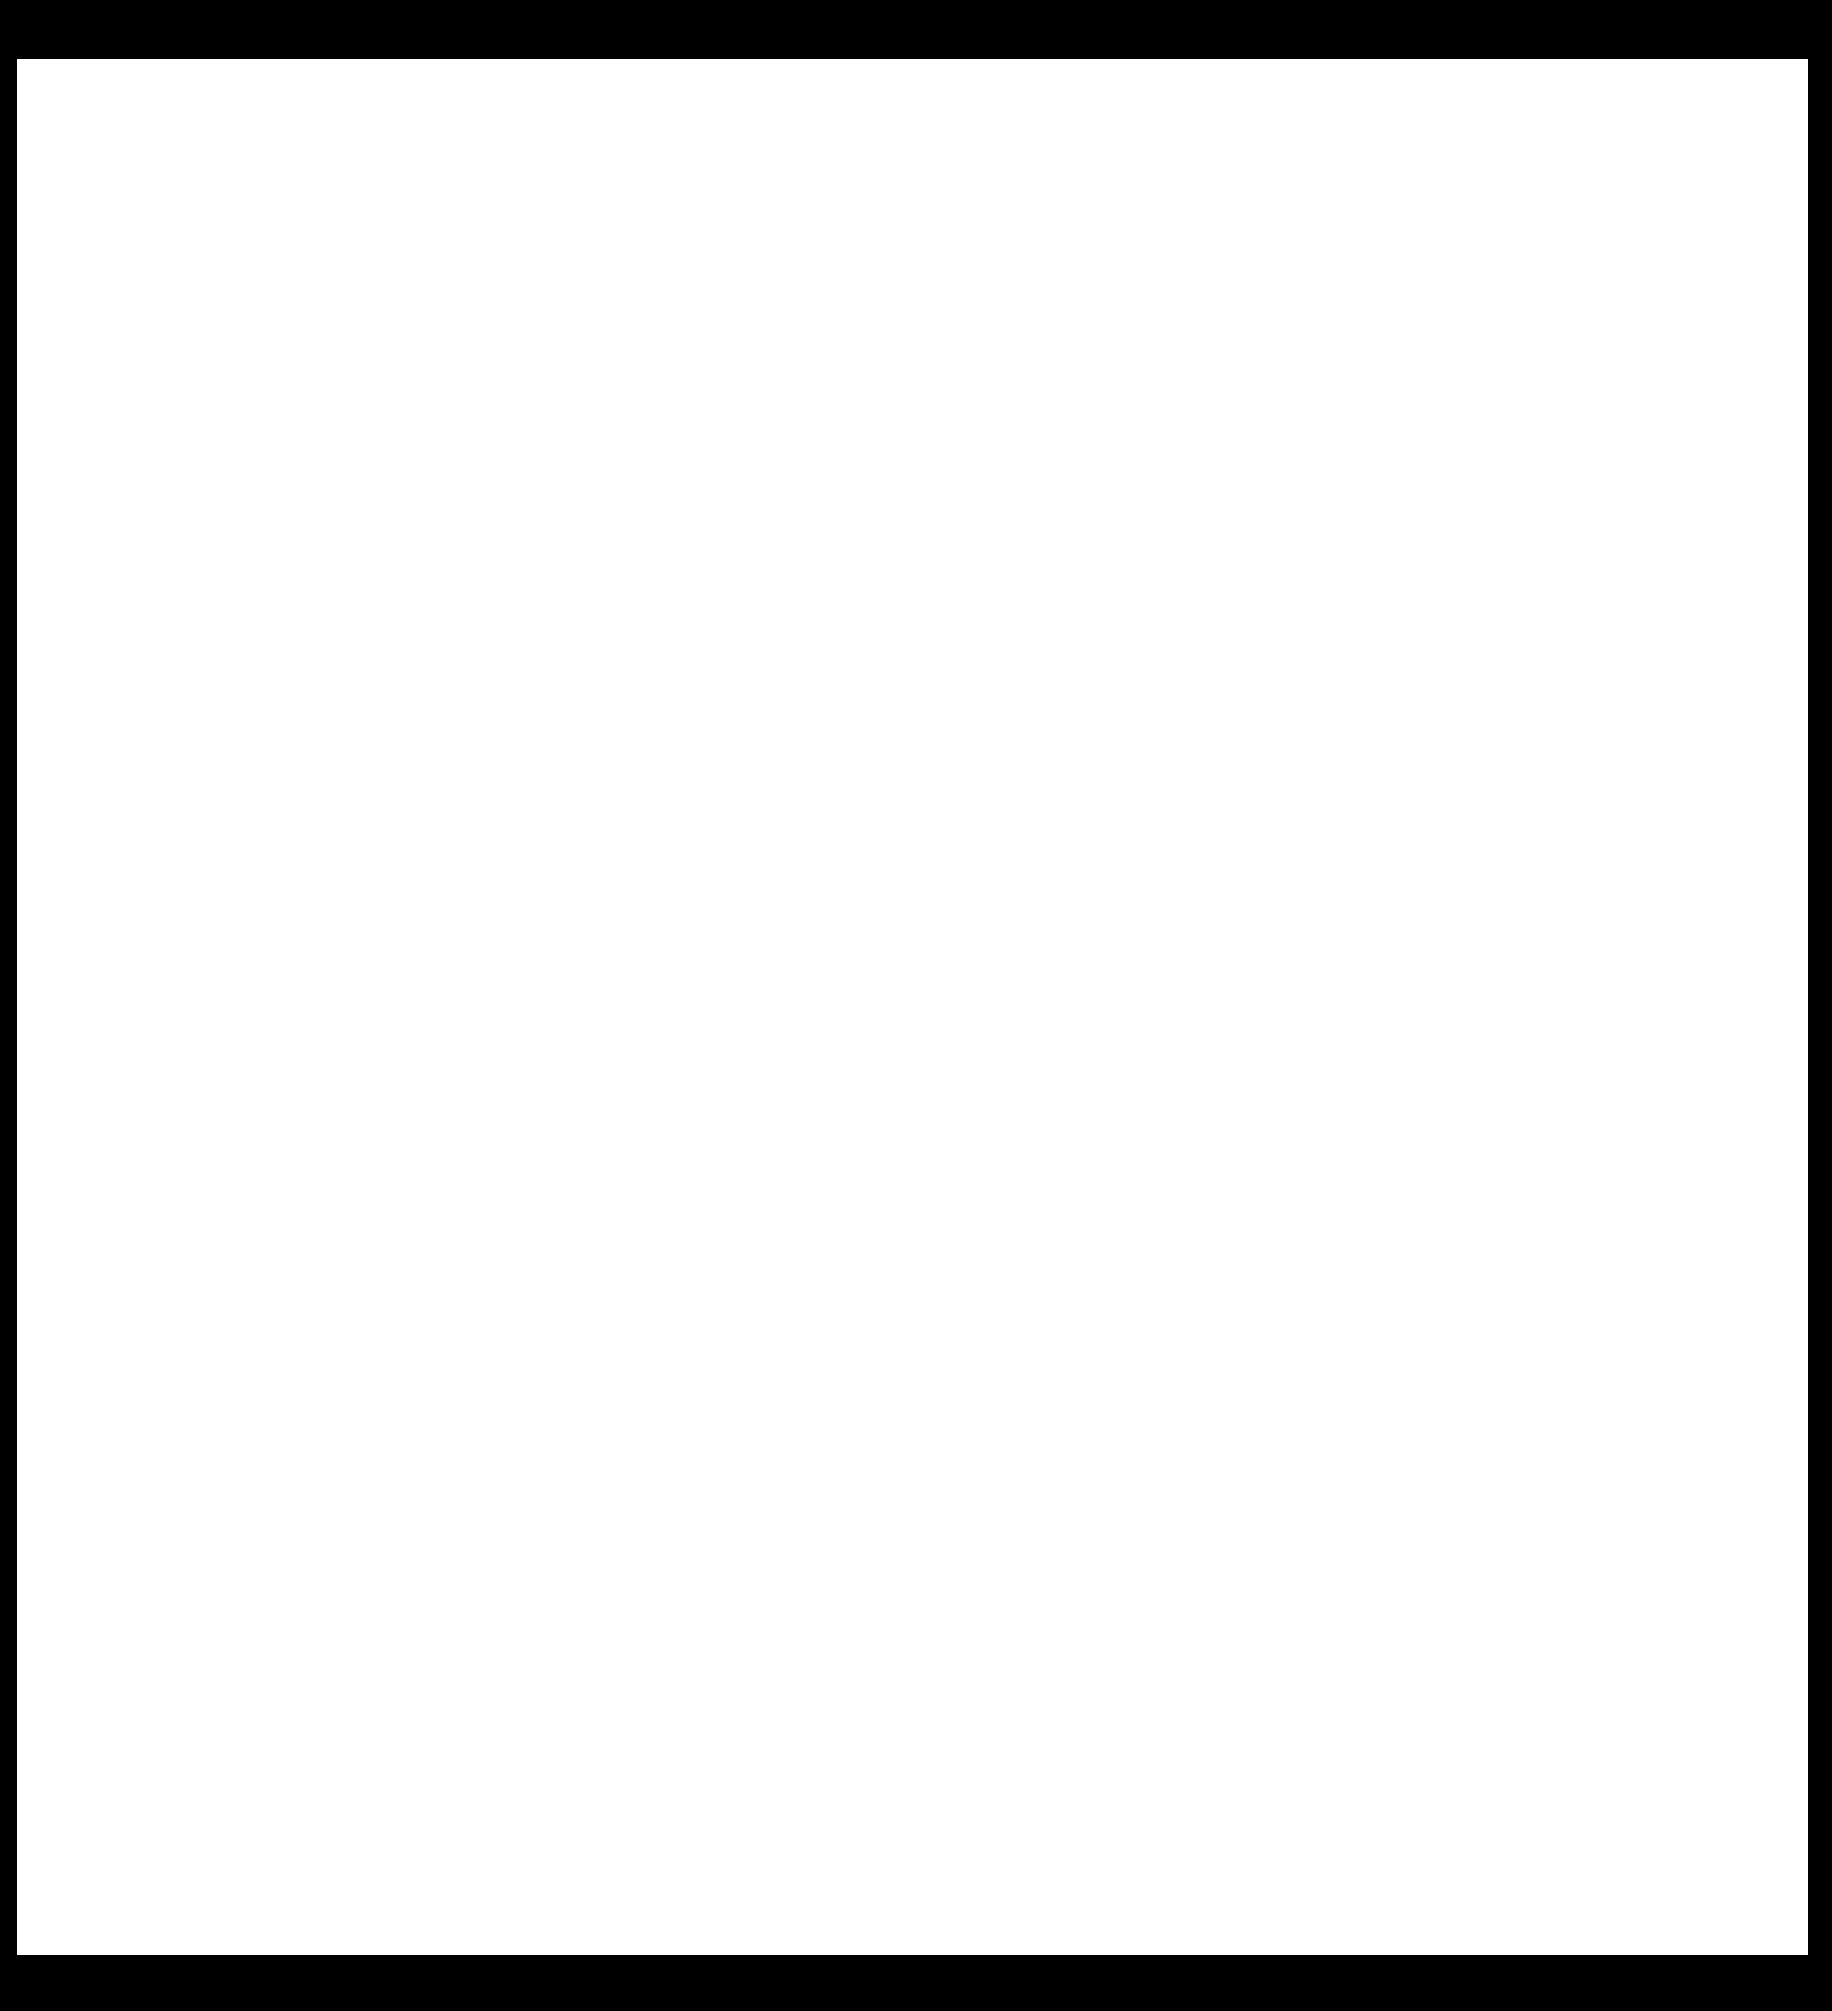 NPS Media